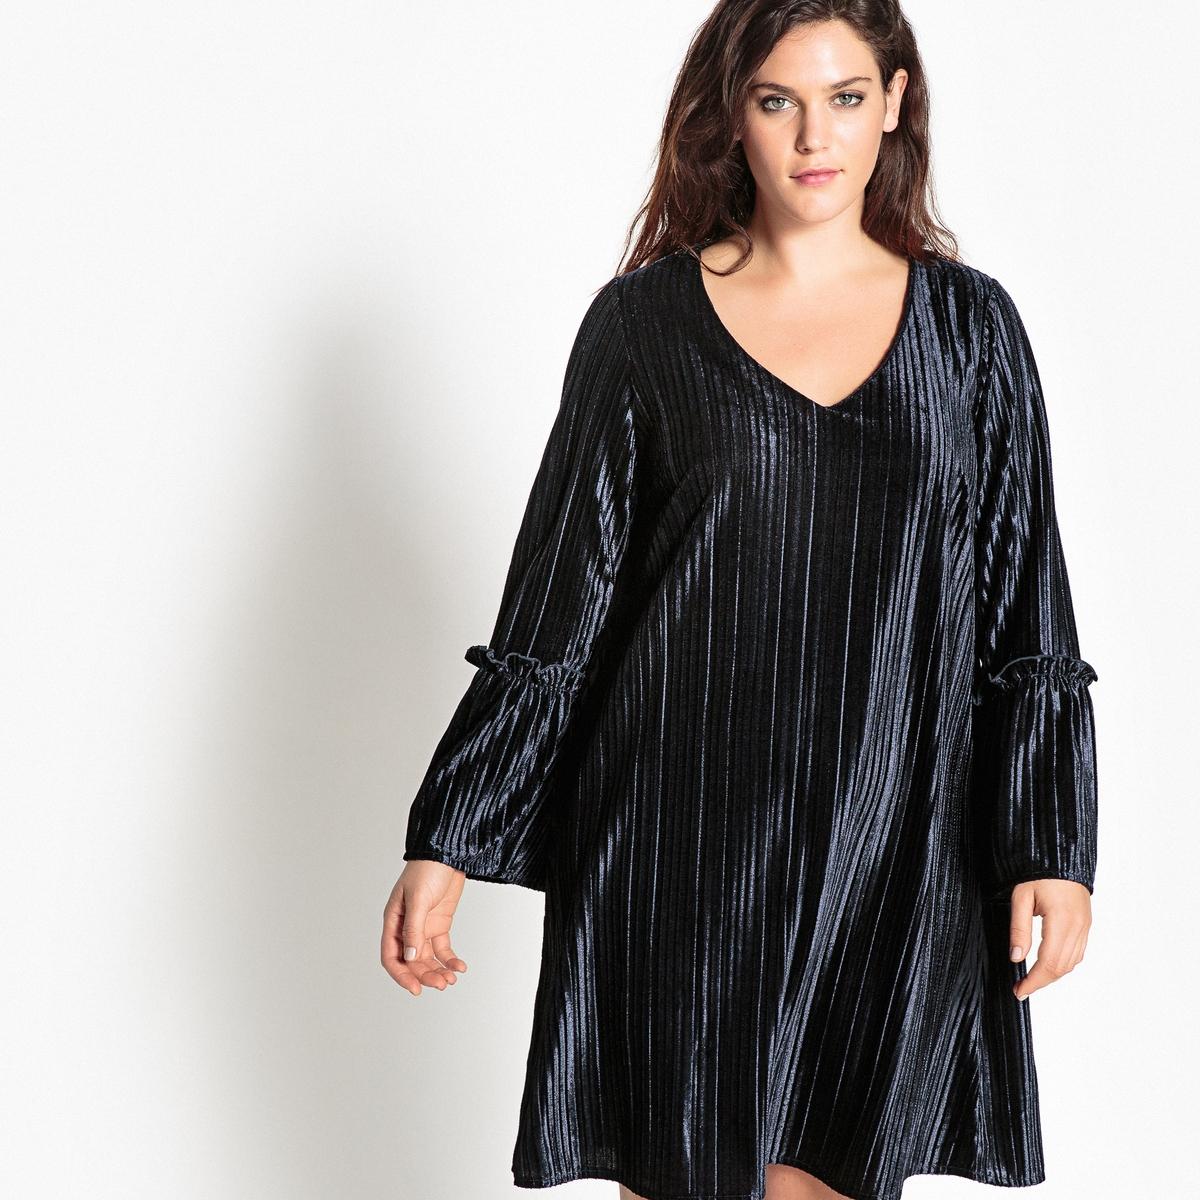 Платье расклешённое из велюраОписание:Этой зимой велюр снова в моде . Невероятно модное расклешенное платье из велюрового трикотажа с плиссировкой . Это велюровое платье - просто верх элегантности .Детали   •  Форма : с плиссировкой •  Длина ниже колен •  Длинные рукава    •   V-образный вырезСостав и уход •  5% эластана, 95% полиэстера  •  Температура стирки 30° •  Гладить при низкой температуре / не отбеливать •  Не использовать барабанную сушку   • Сухая чистка запрещена   Товар из коллекции больших размеров •  Длина : 100 см.<br><br>Цвет: синий морской<br>Размер: 42 (FR) - 48 (RUS).50 (FR) - 56 (RUS).46 (FR) - 52 (RUS)